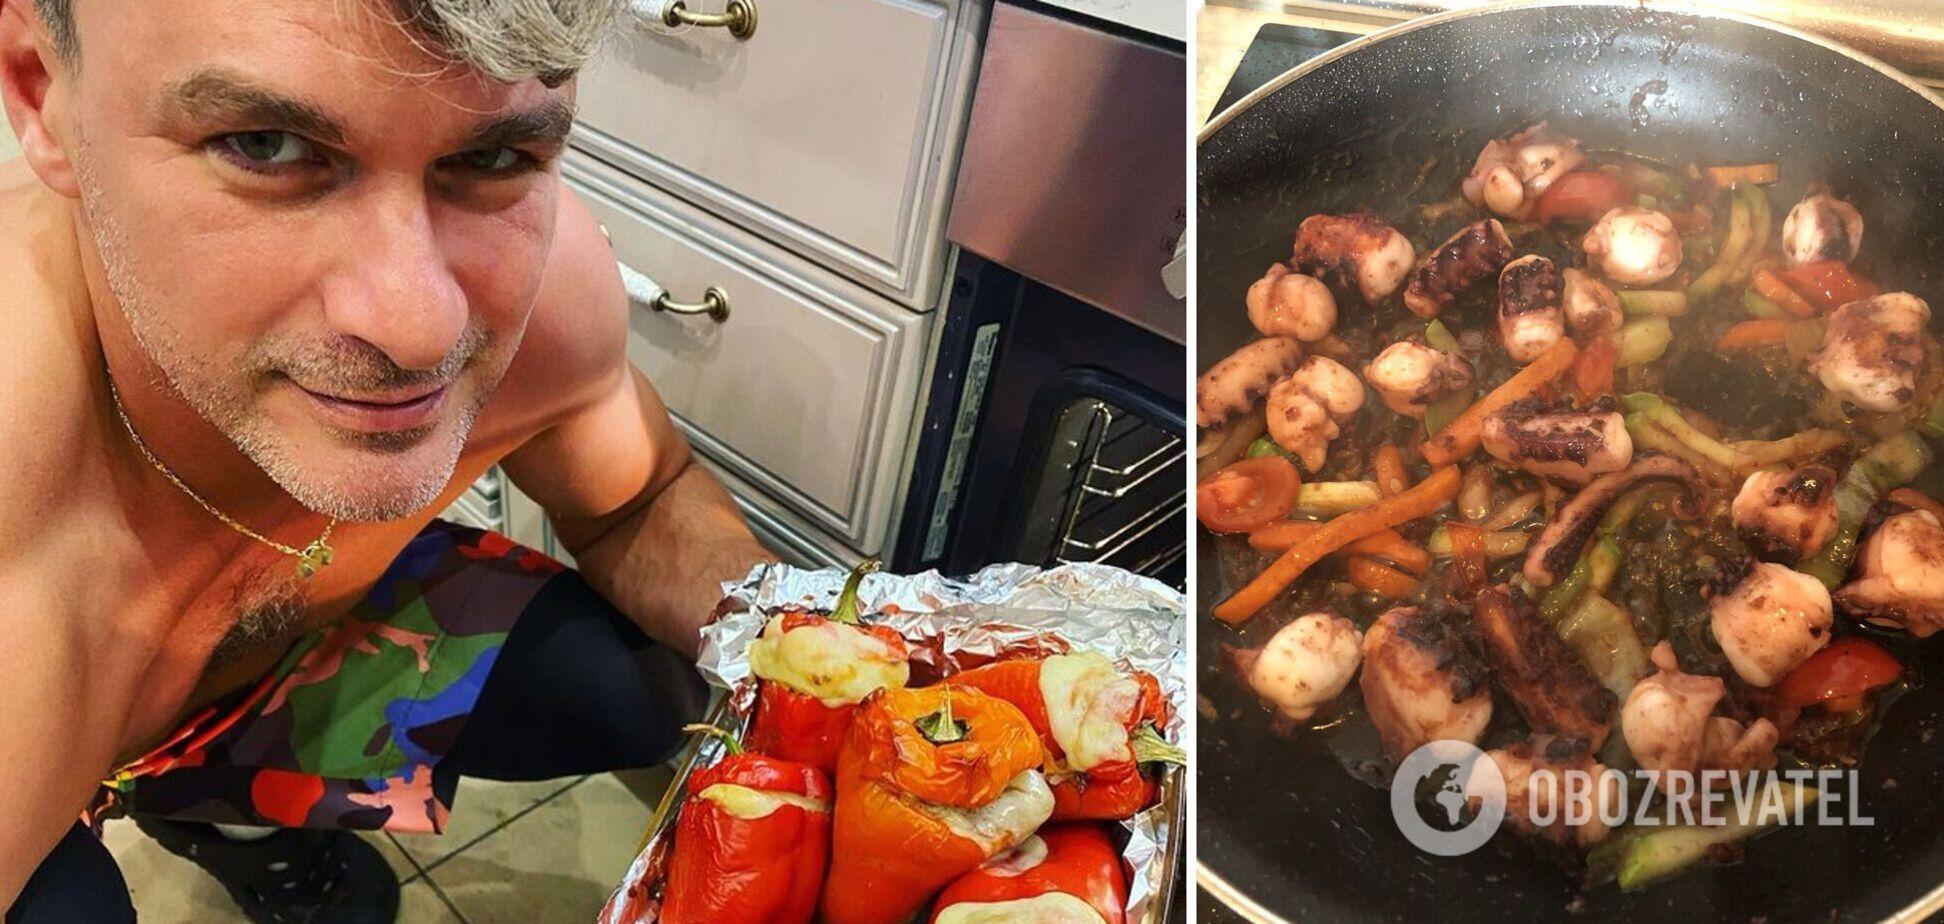 Арсен Мирзоян рассказал о кулинарных увлечениях  фирменных рецептах